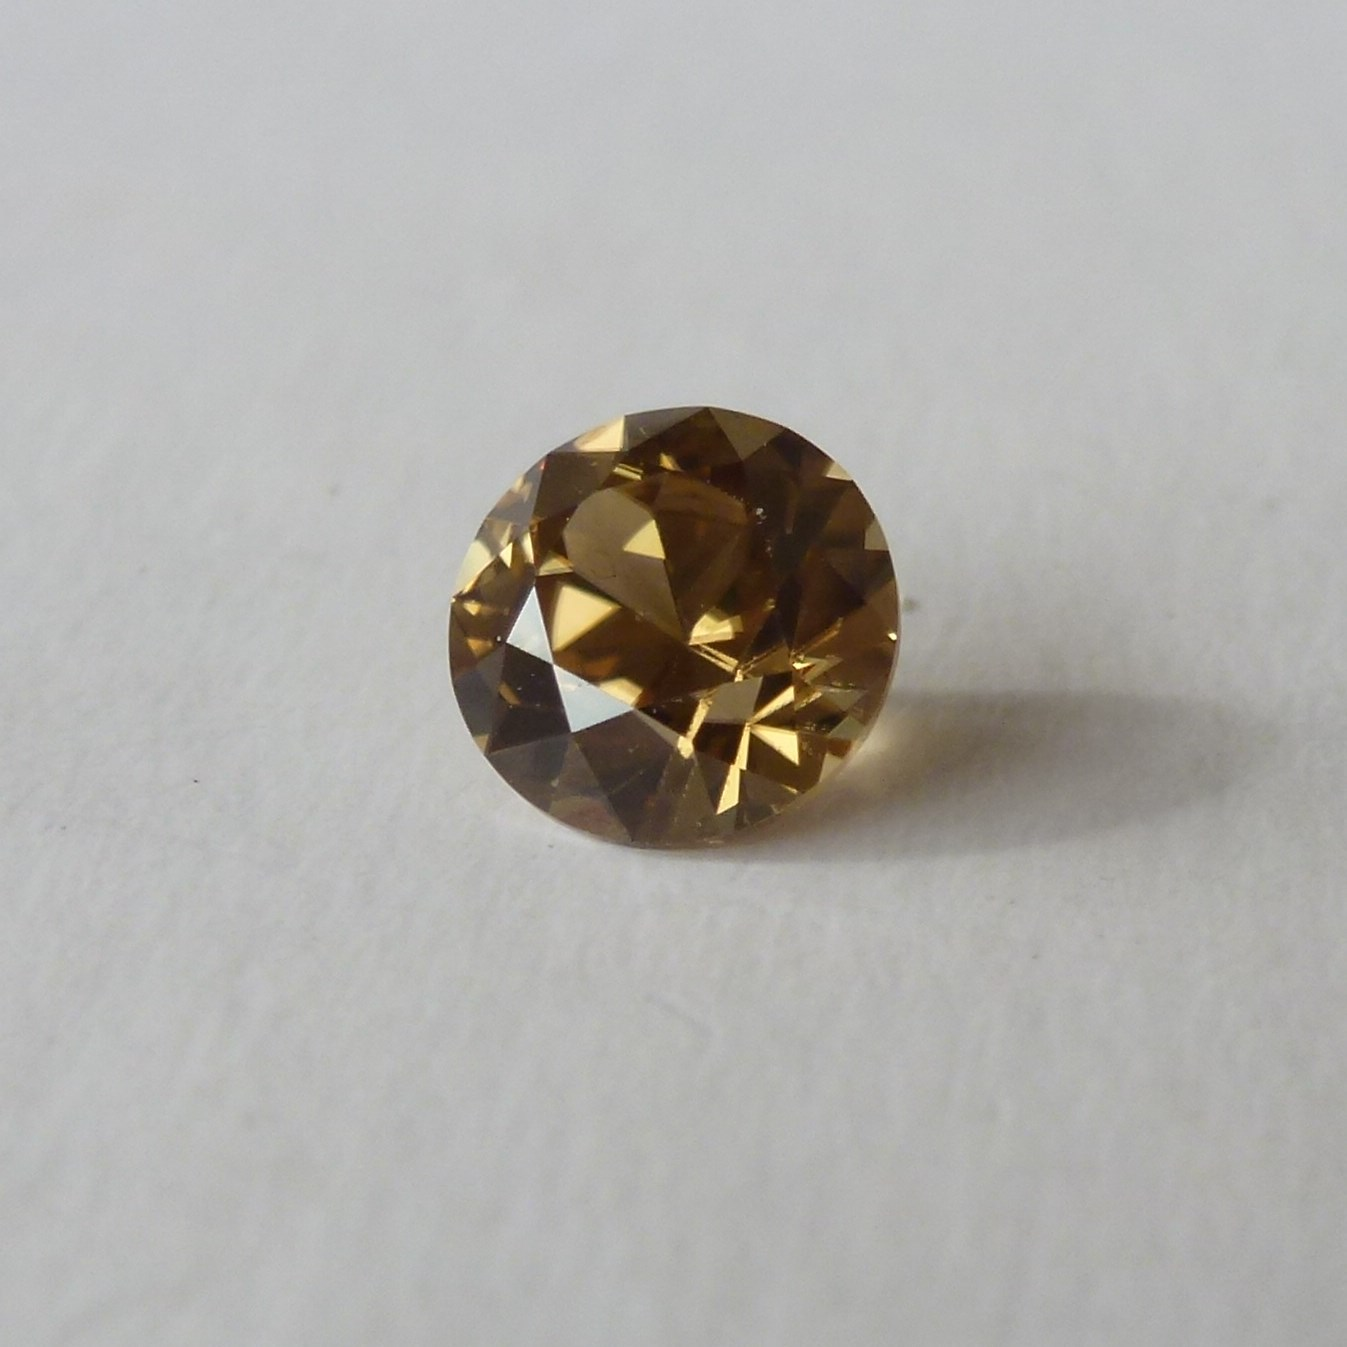 15092 - Honey Zircon